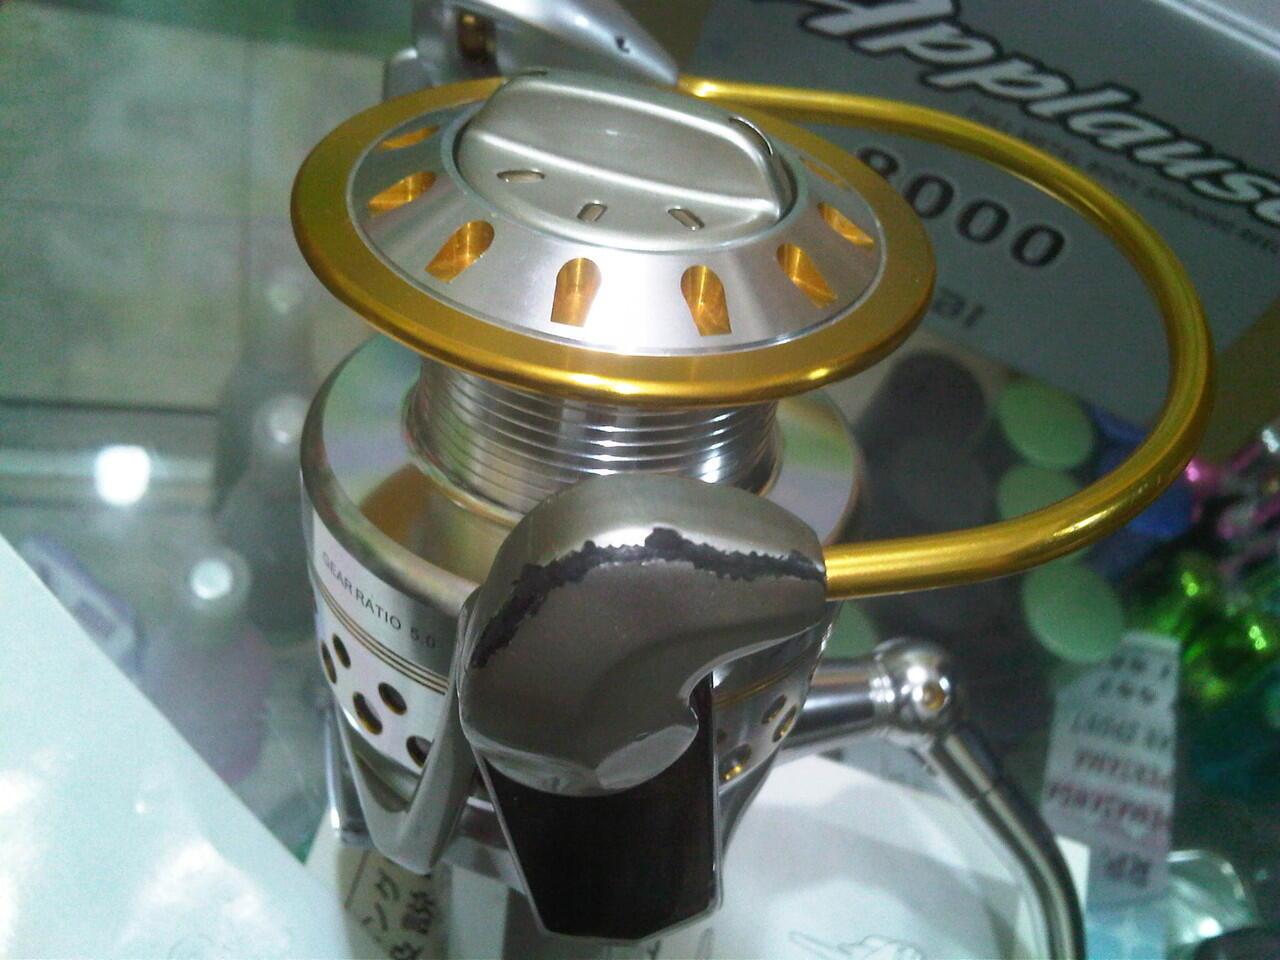 Reel Pancing Ryobi Applause 6000 & 8000 murah